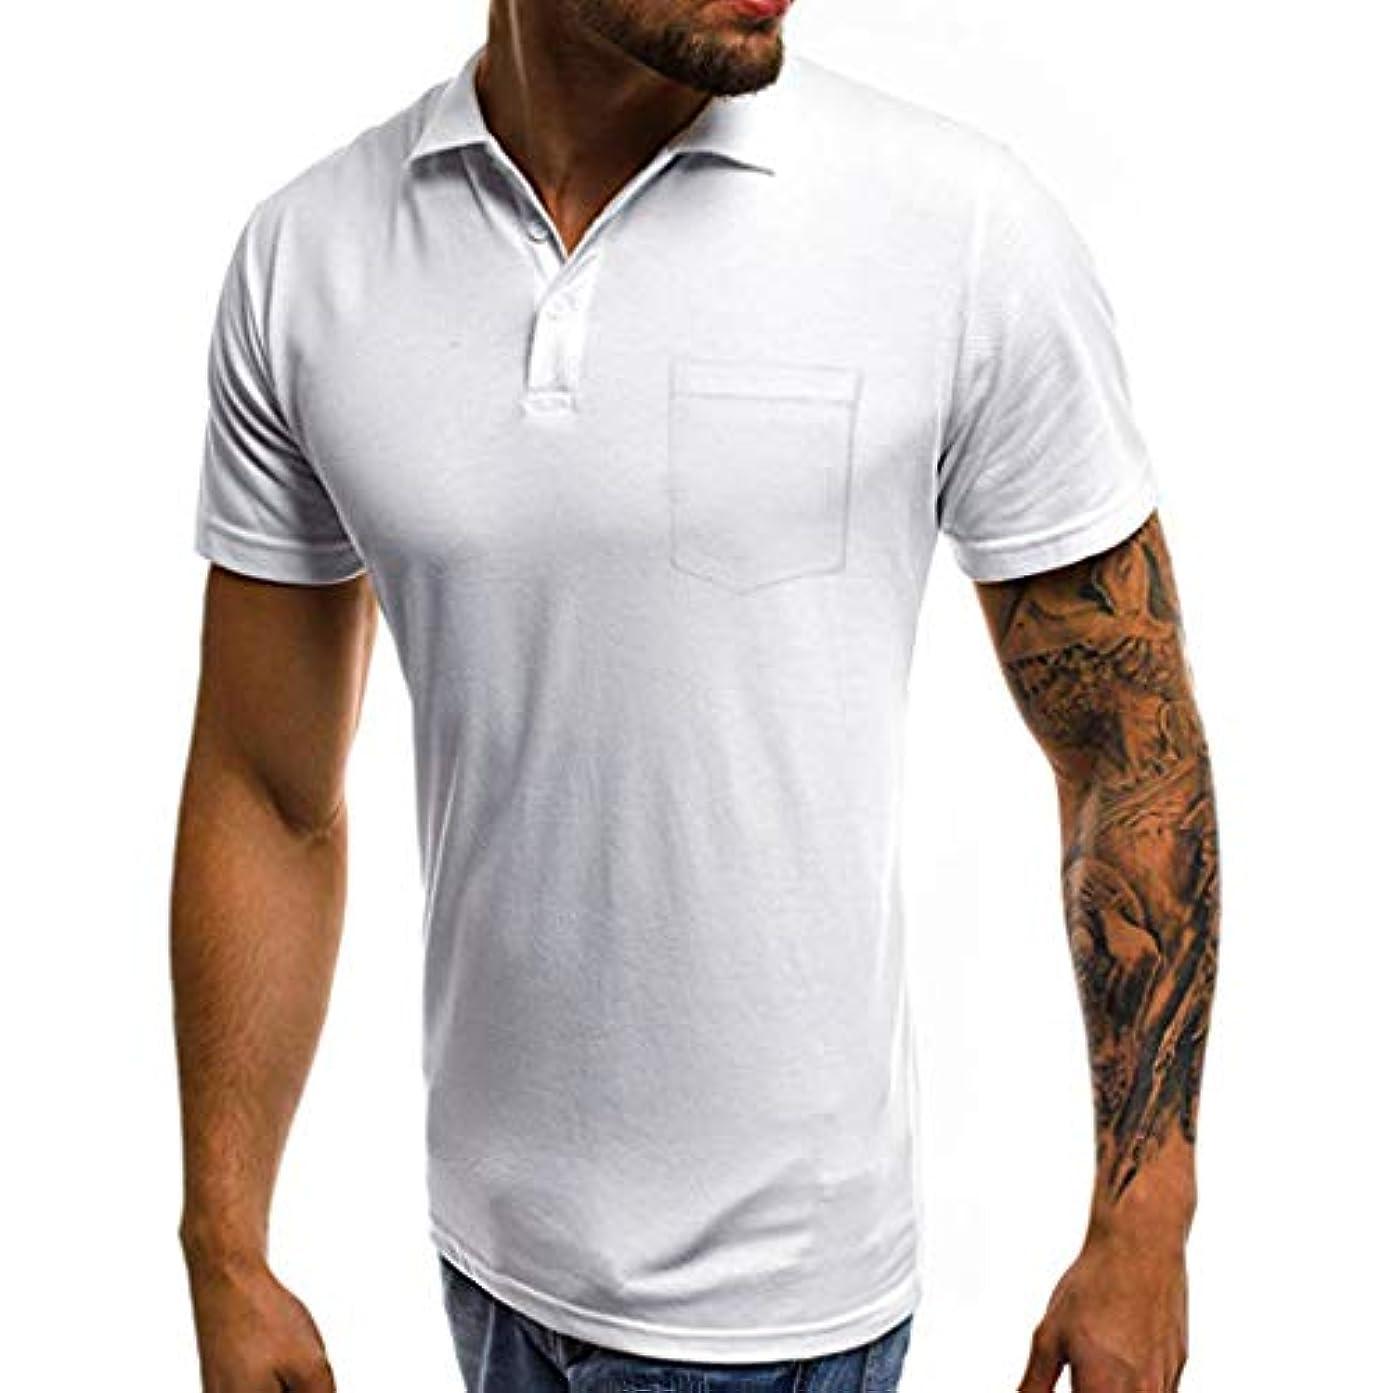 大工製造寸法GINNTOKI tシャツ メンズ カジュアル スリム 半袖 ポケット ボタンTシャツ トップ ブラウス ラペルポケット半袖 キャップなし ファッションメンズ (ホワイト, M)